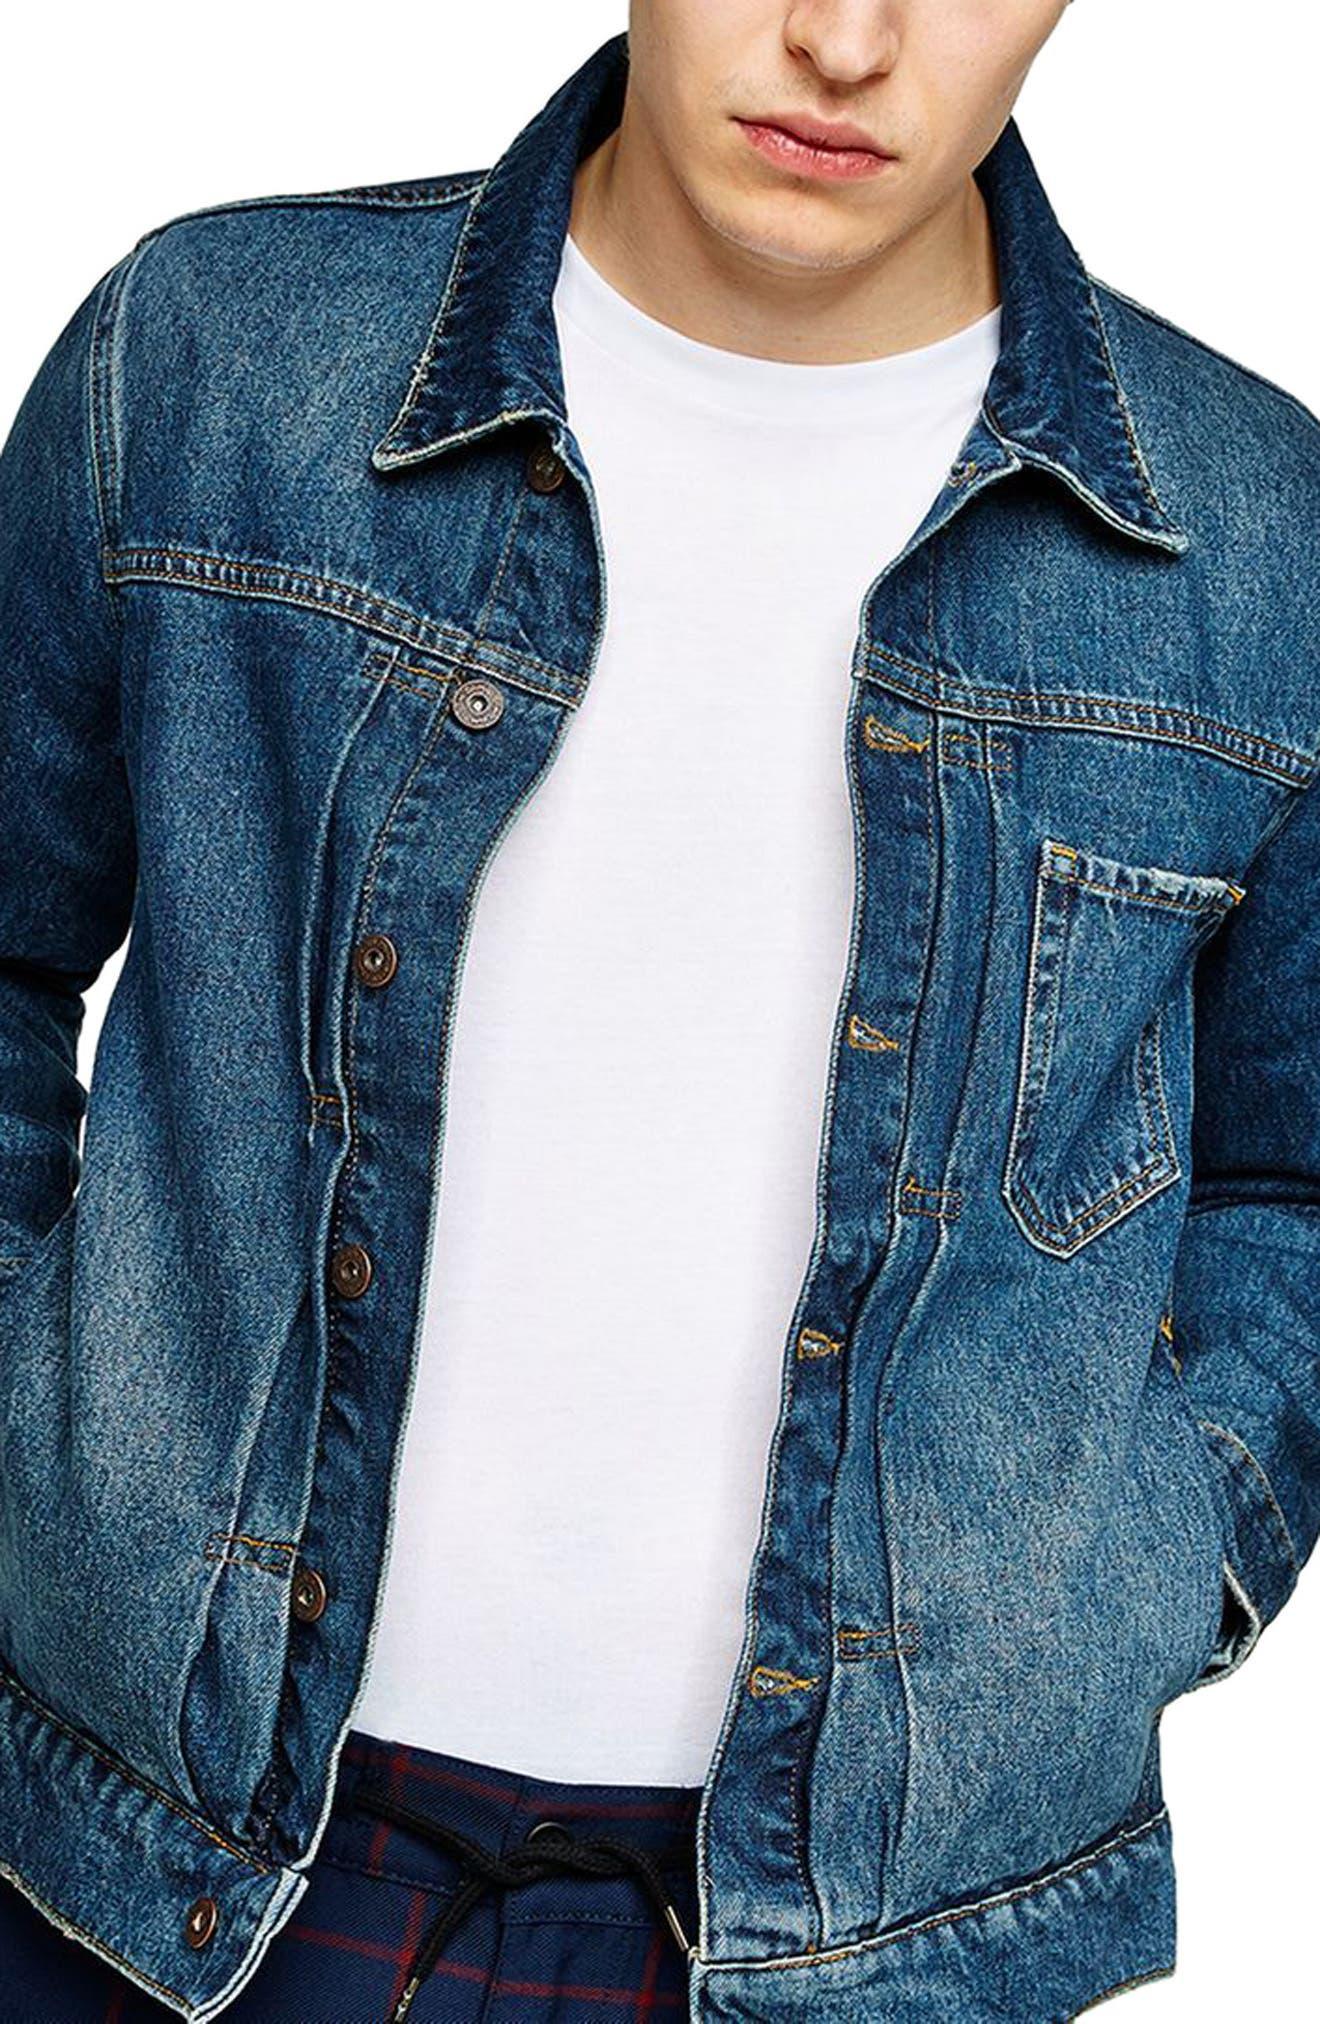 Cinch Back Denim Jacket,                         Main,                         color,